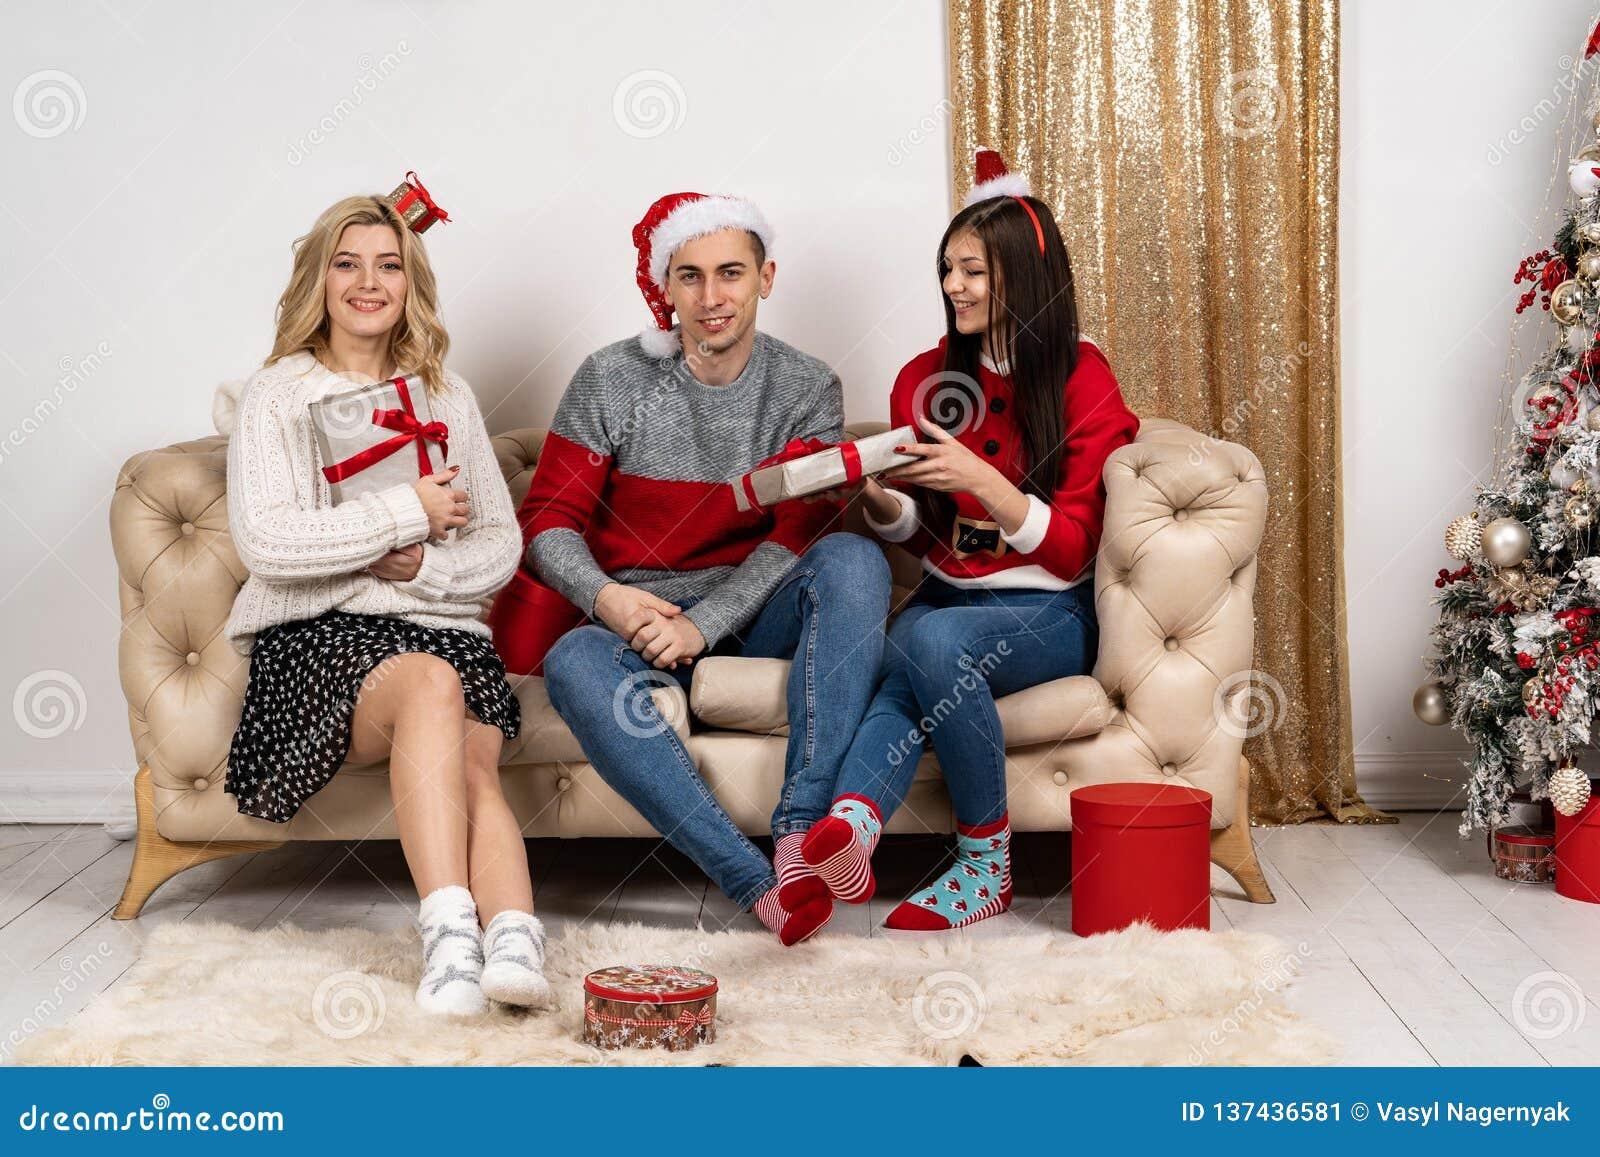 Szczęśliwi młodzi ludzie siedzi na kanapie w pulowerach i Santa kapeluszach